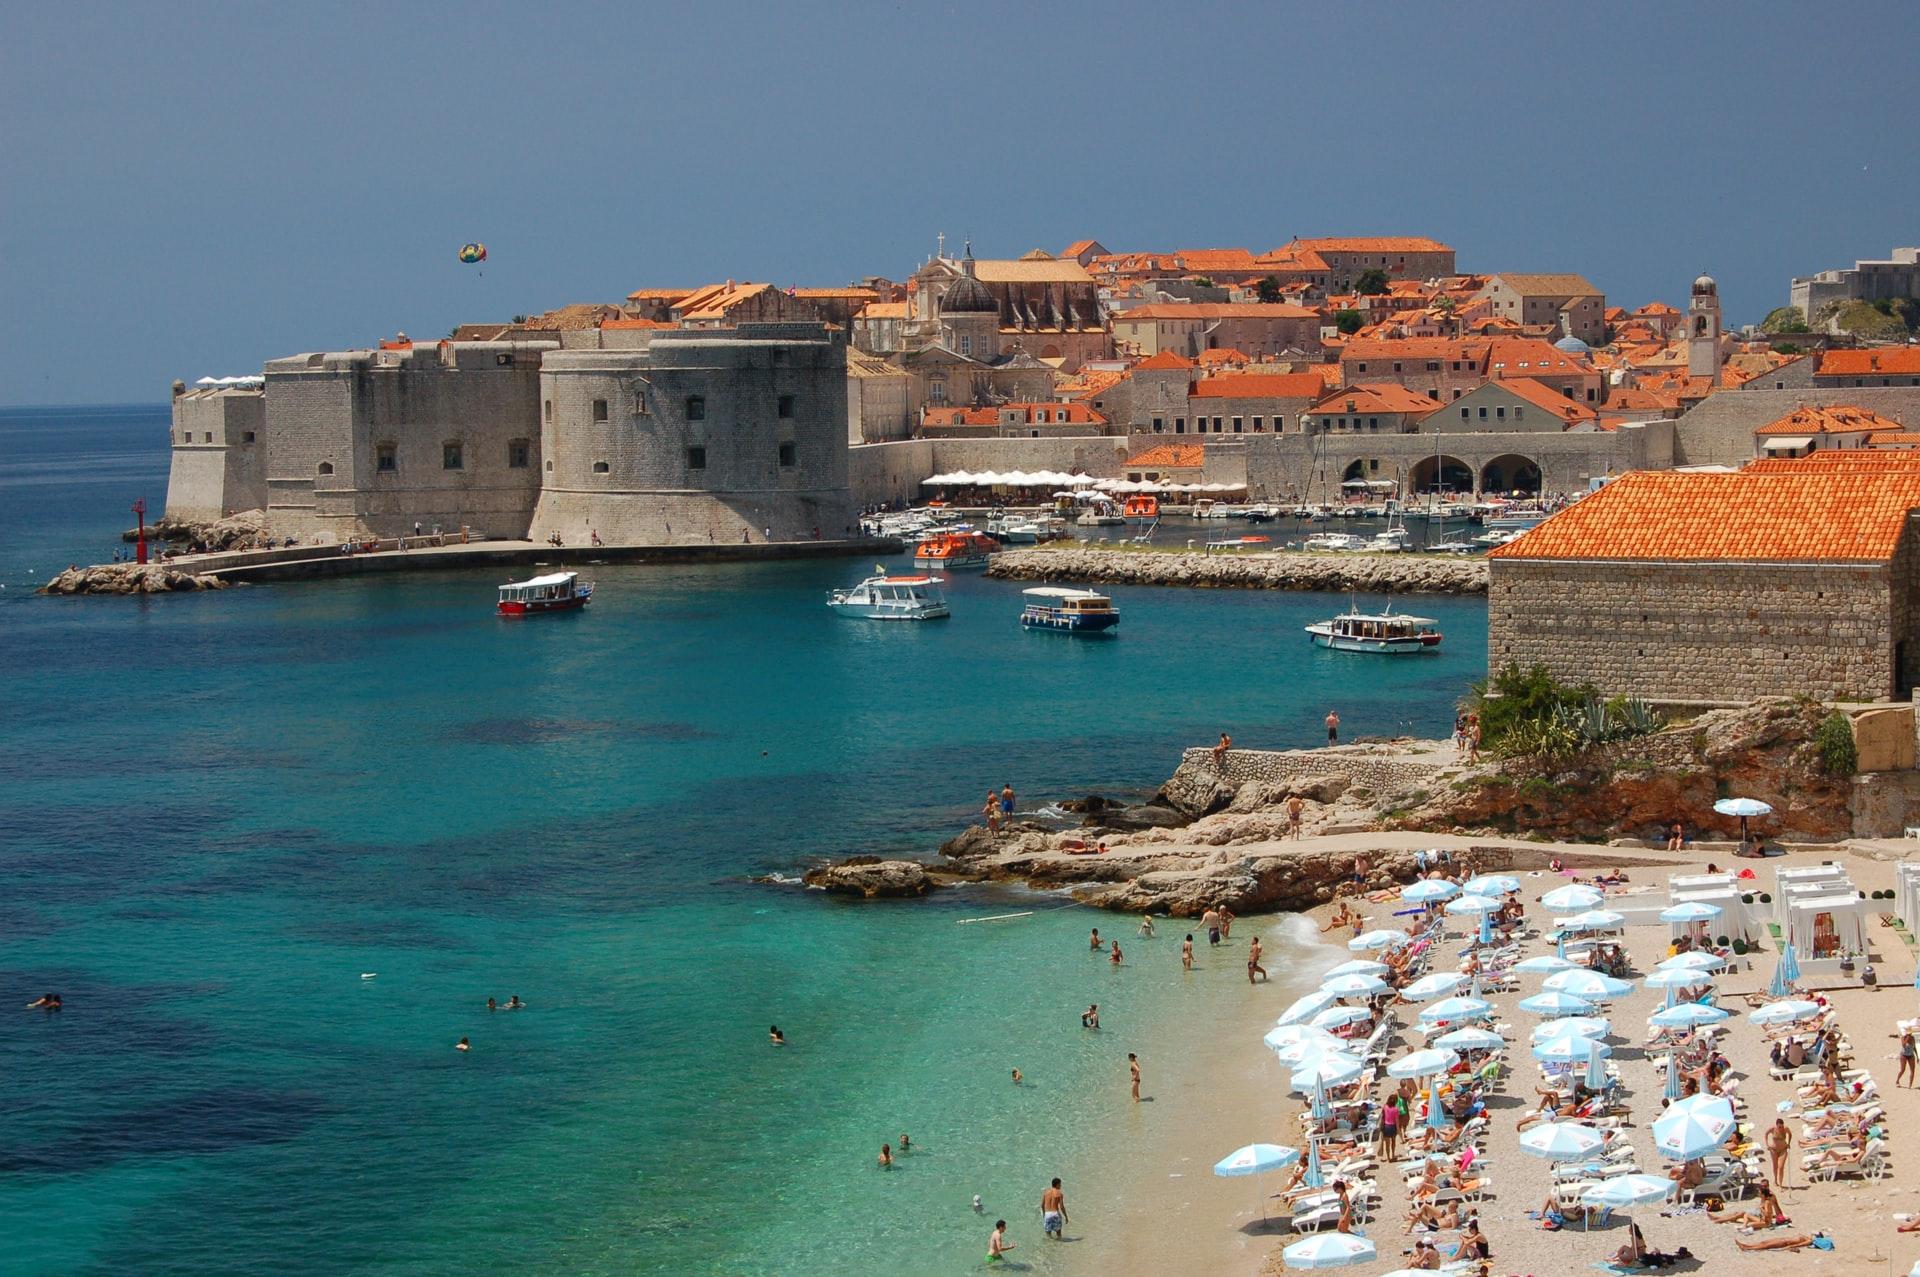 boat rental in Dubrovnik